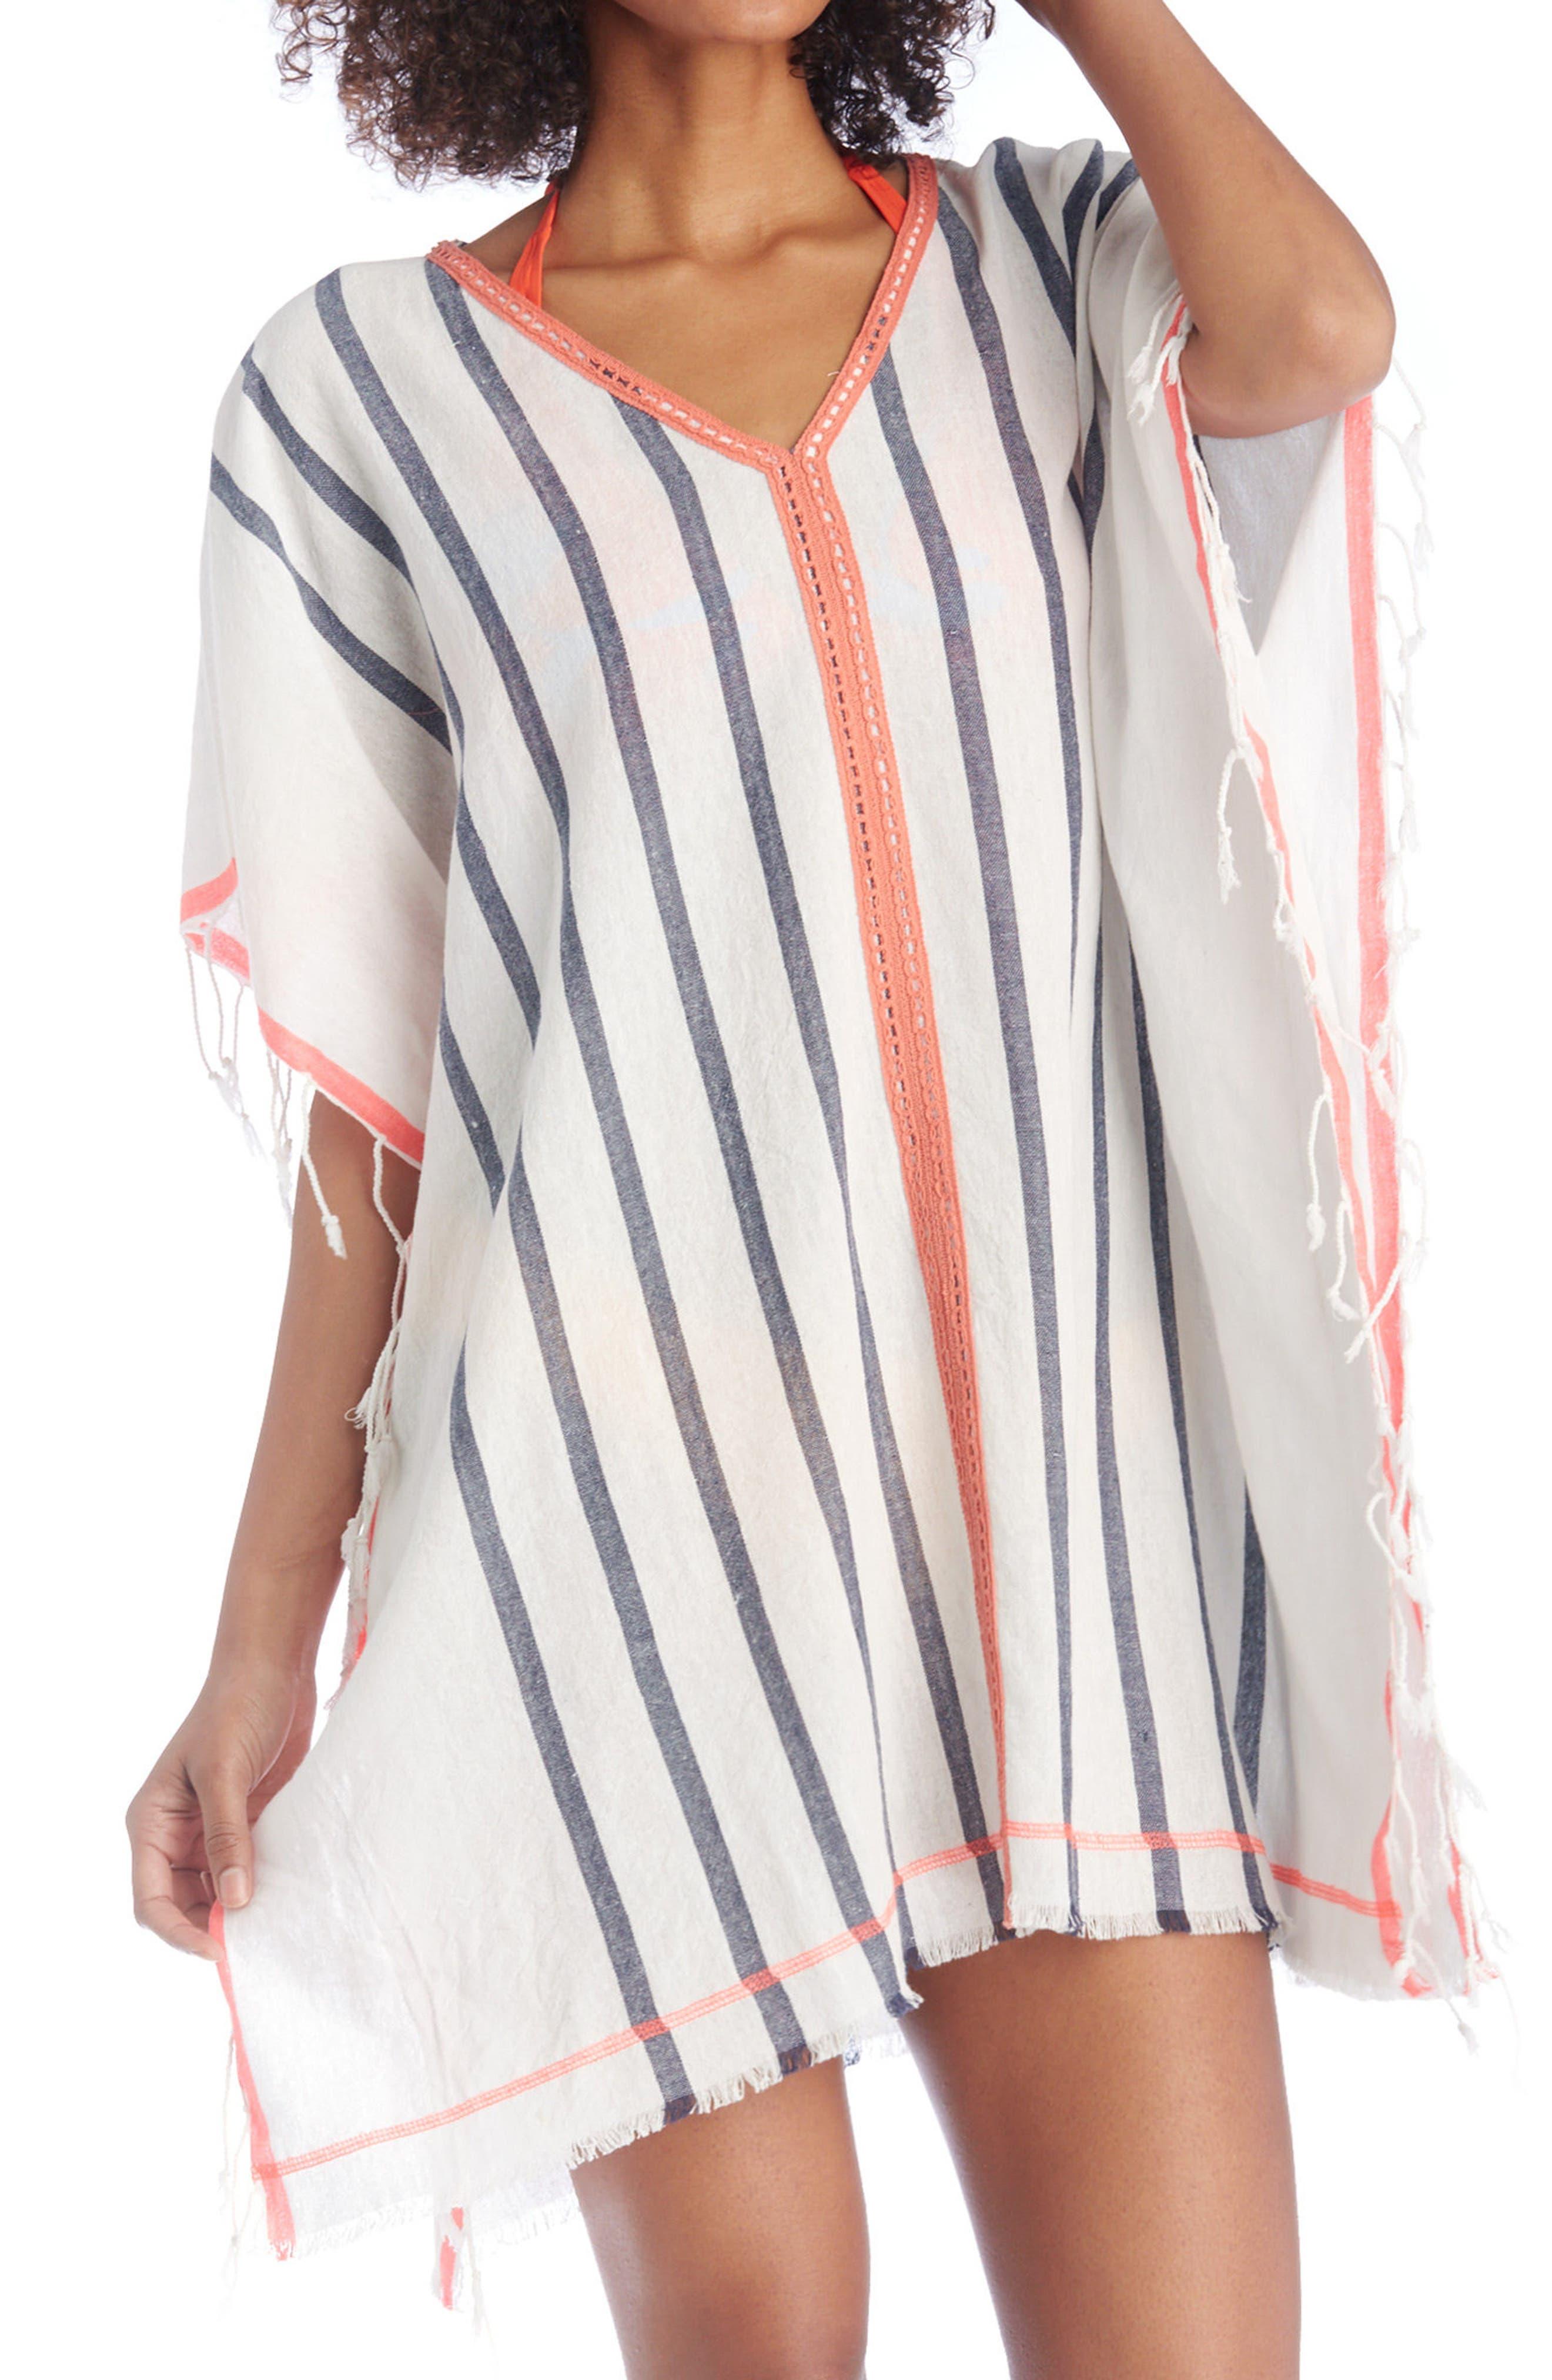 Stripe Poncho,                             Main thumbnail 1, color,                             Multi